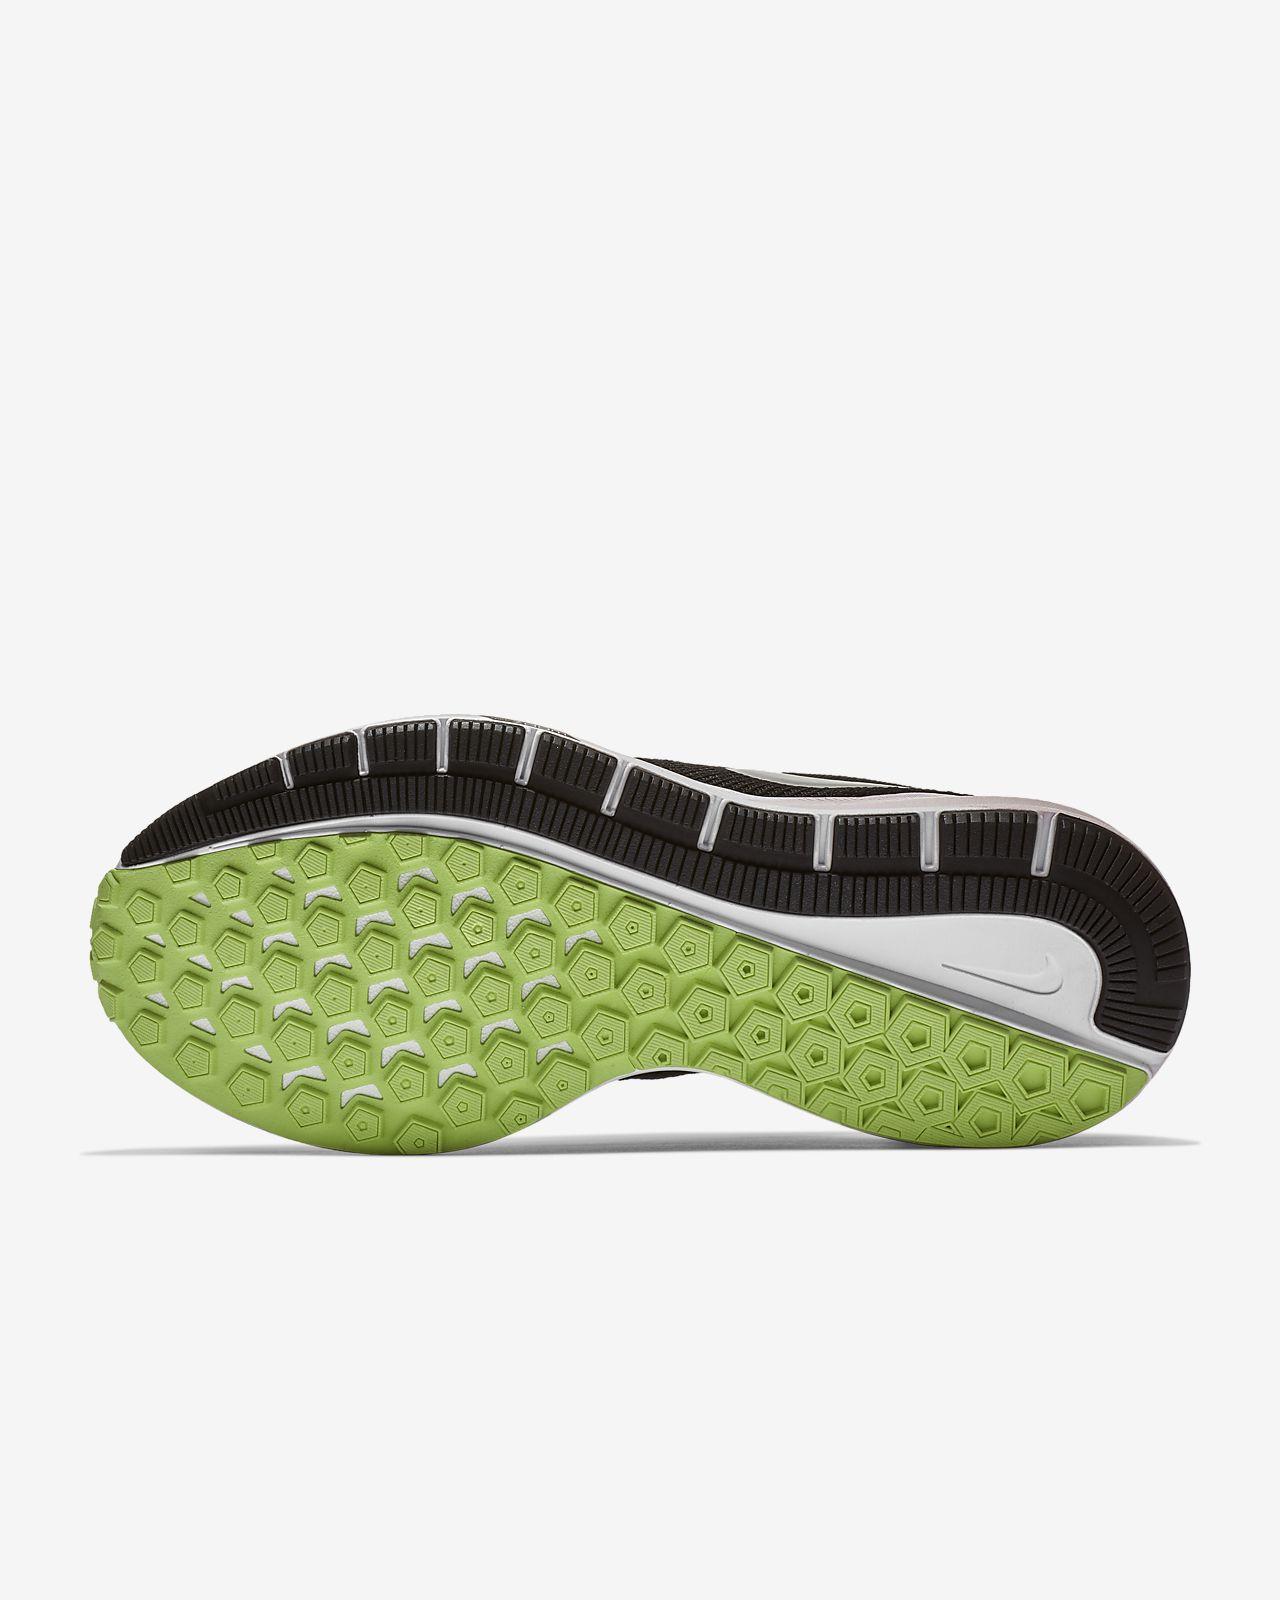 7cfa55edb918 Nike Air Zoom Structure 22 Women s Running Shoe. Nike.com